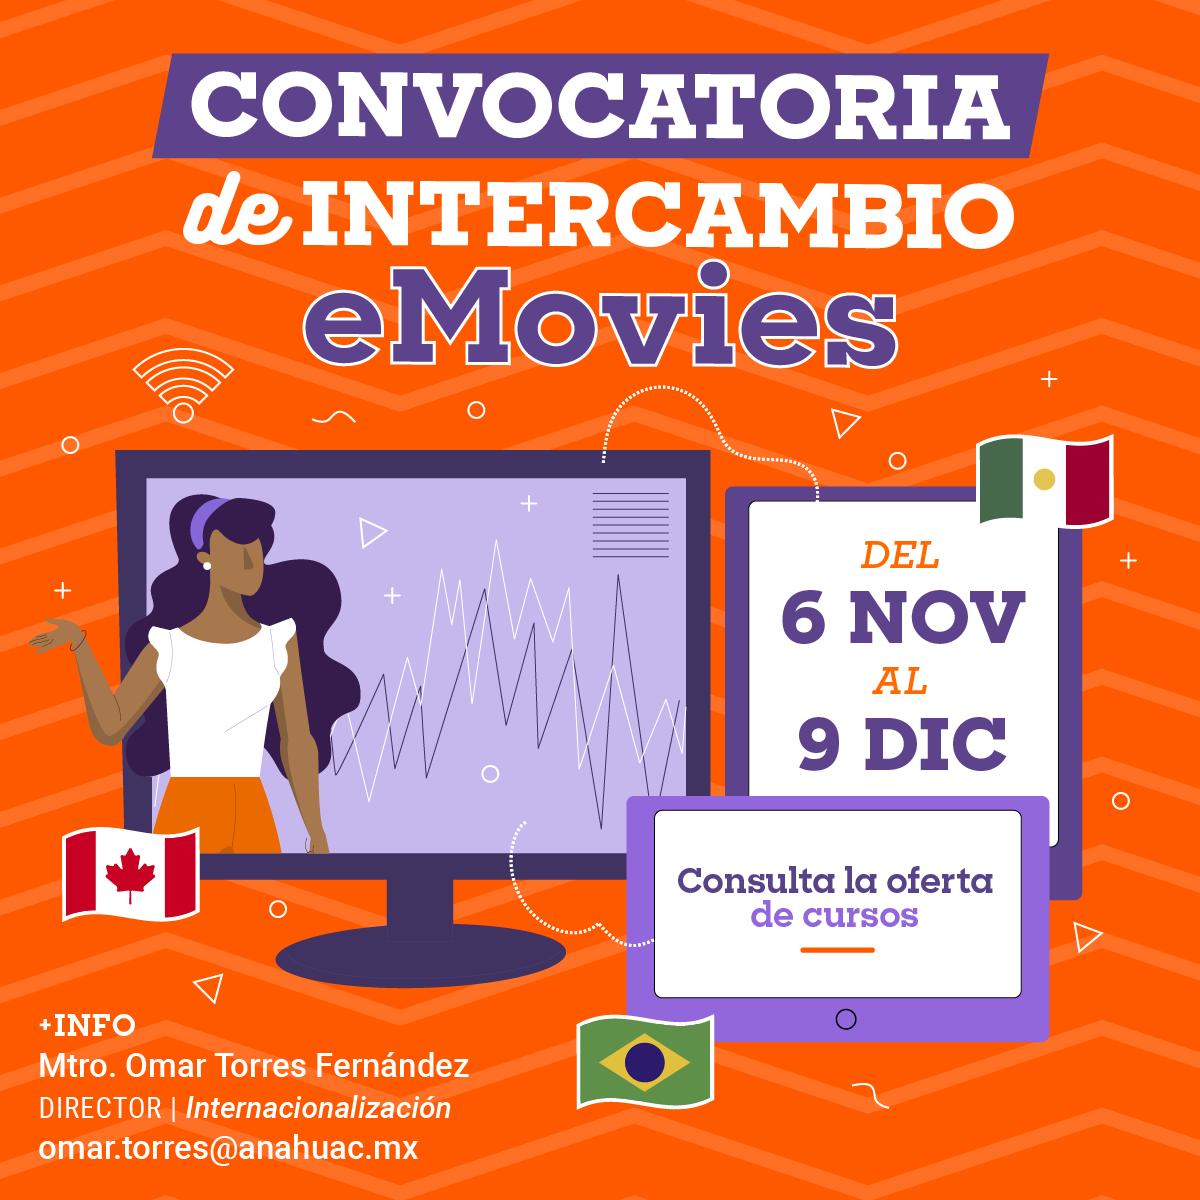 Convocatoria eMovies para Movilidad Virtual